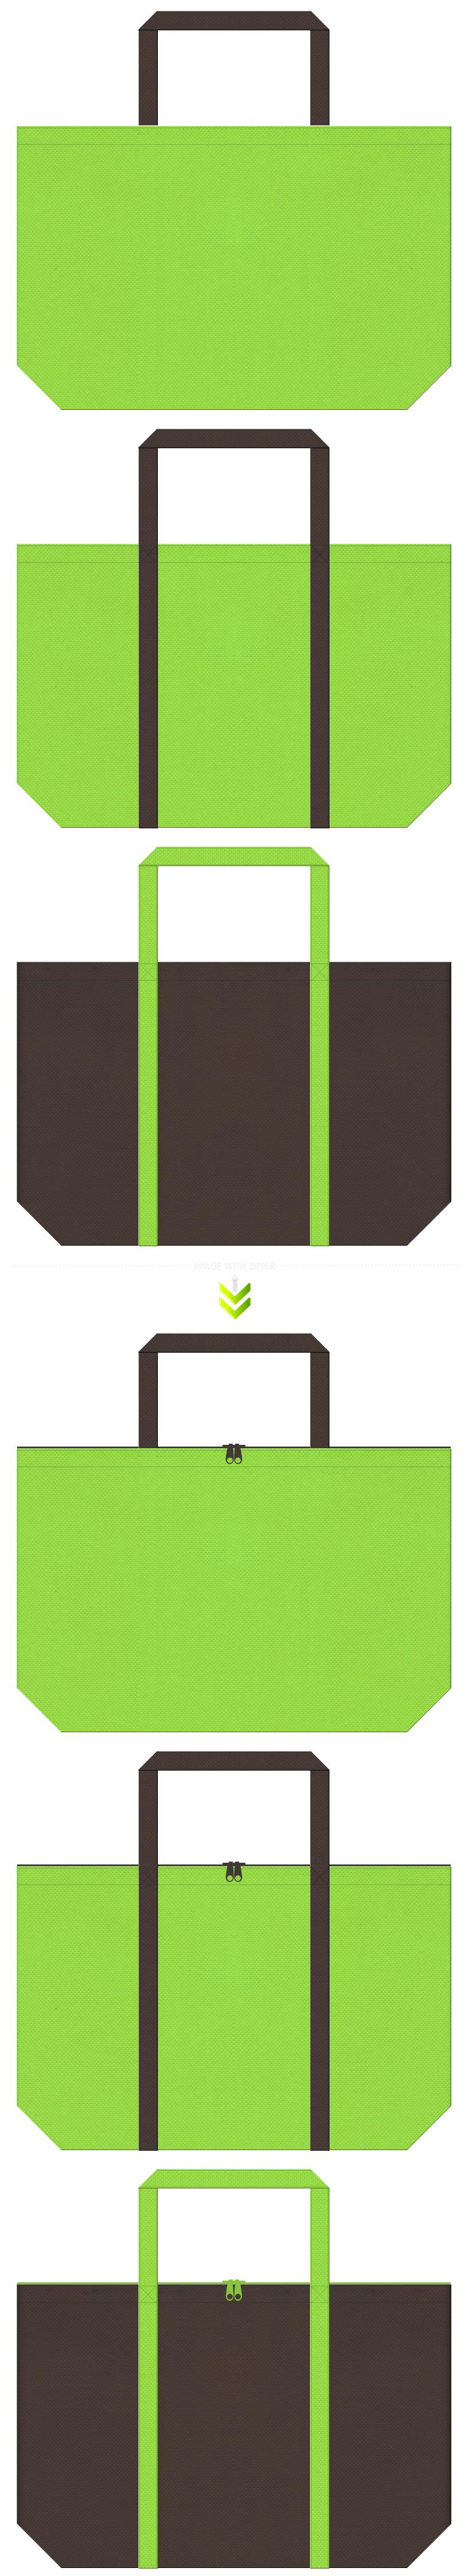 黄緑色とこげ茶色の不織布エコバッグのデザイン。